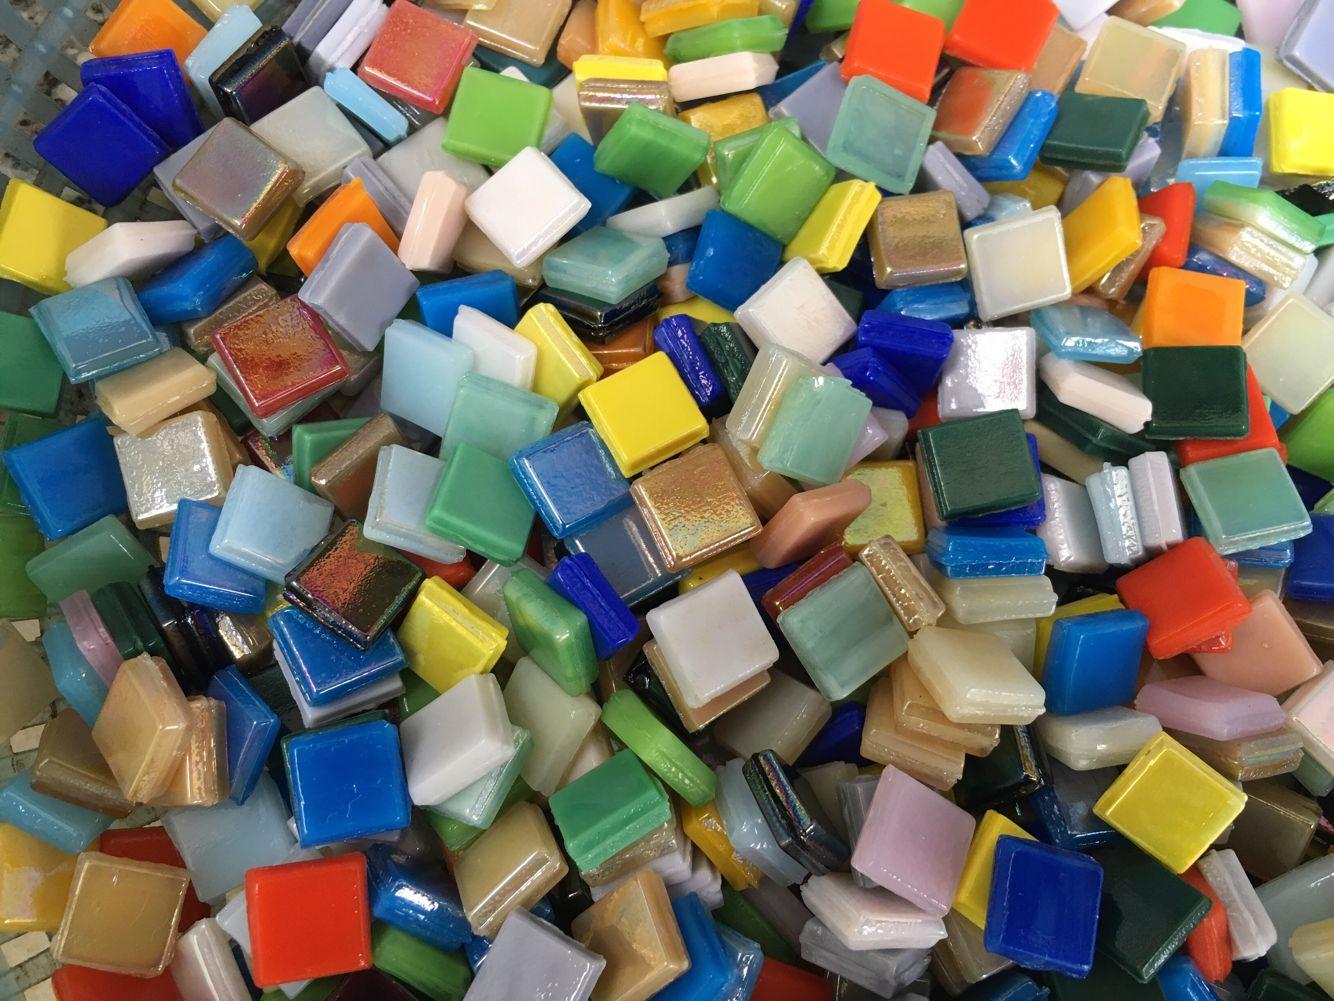 Chip do mosaico